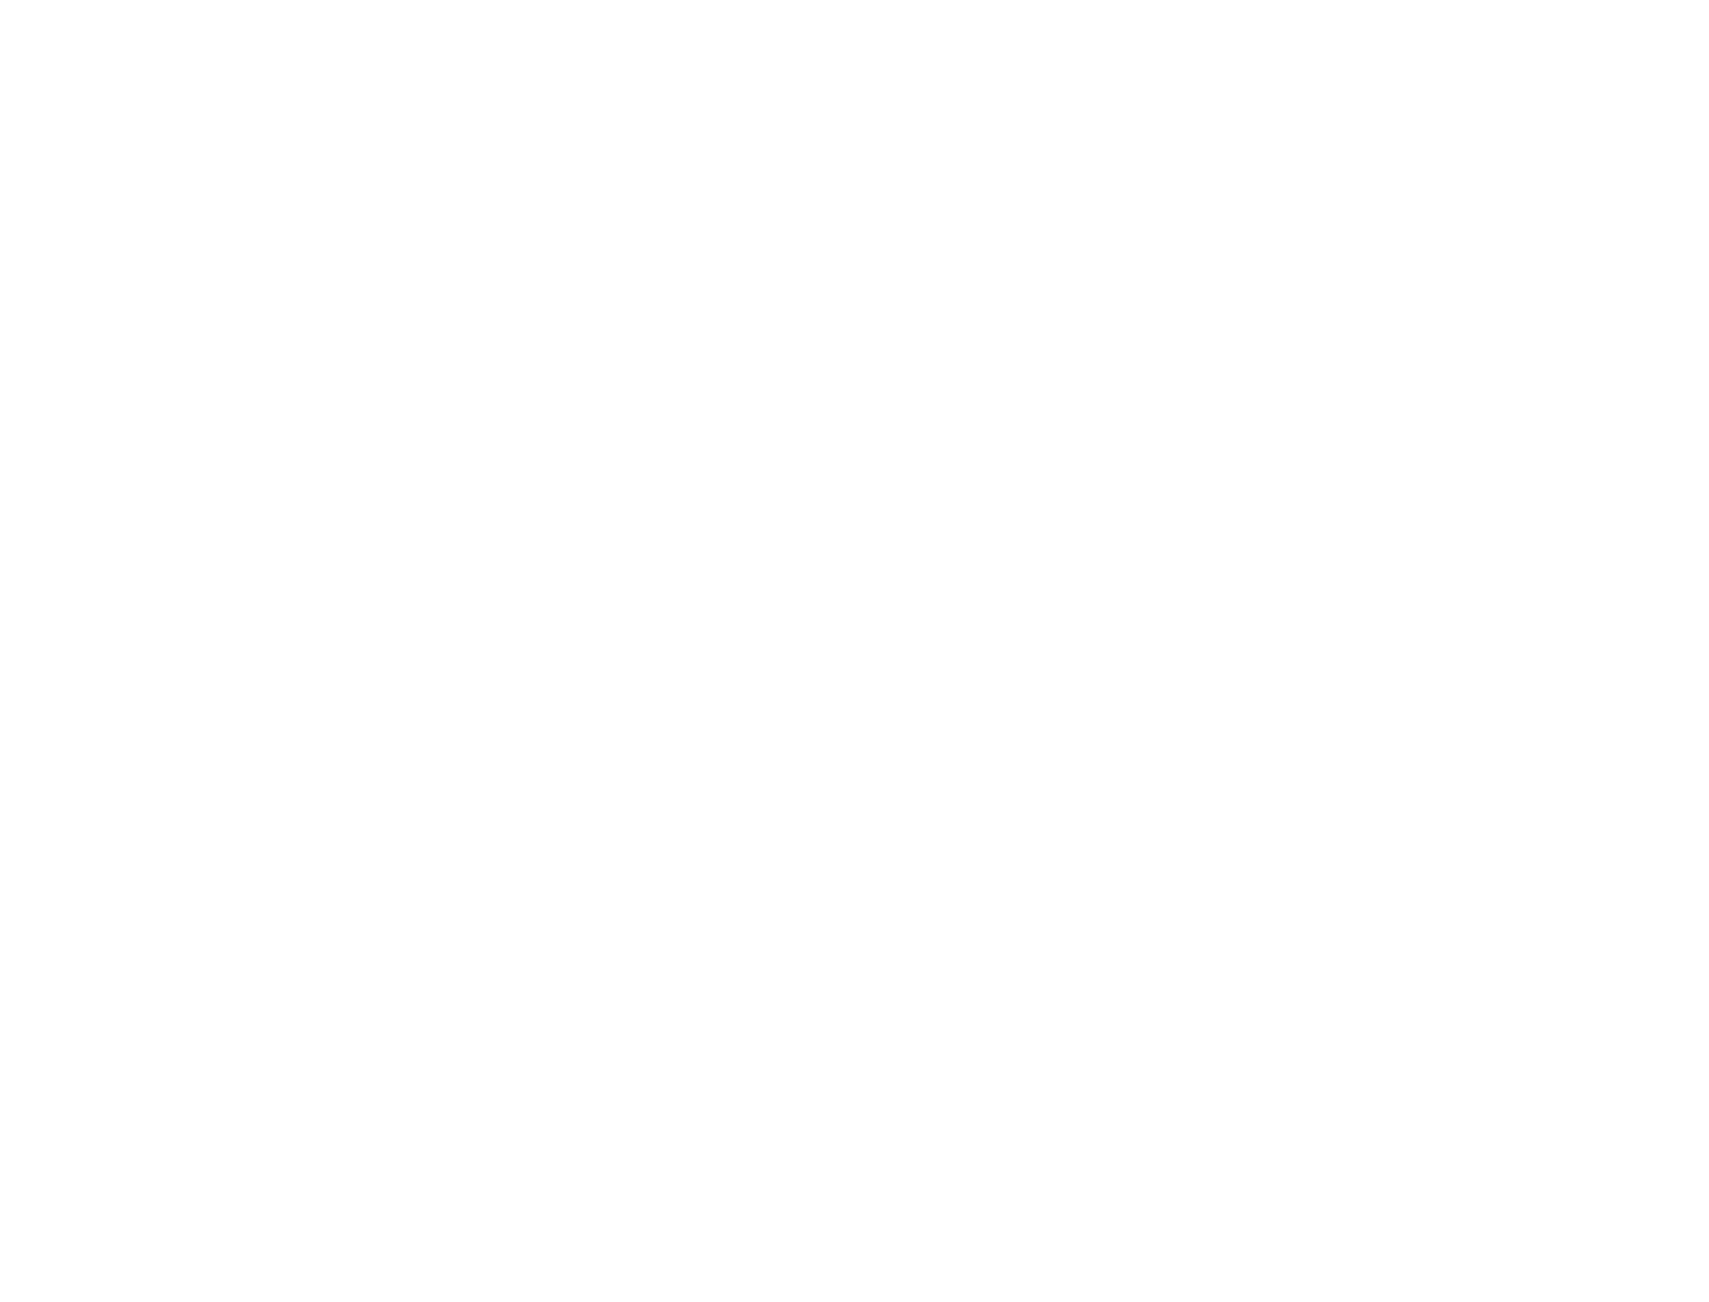 Gartenhaus-white